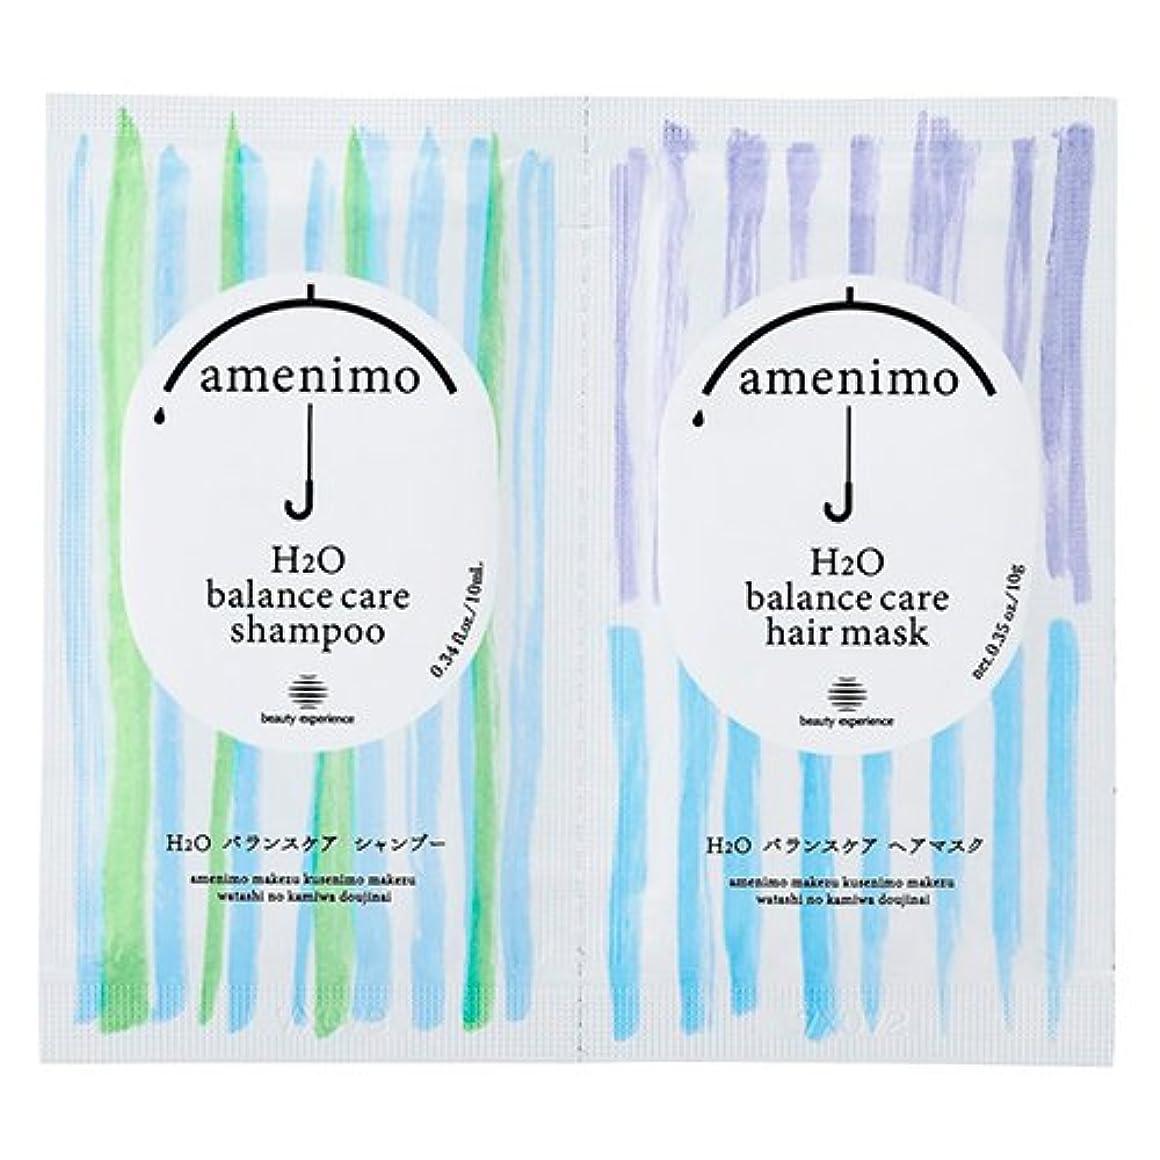 ワームレキシコンとamenimo(アメニモ) H2O バランスケア シャンプー&ヘアマスク 1dayお試し 10mL+10g